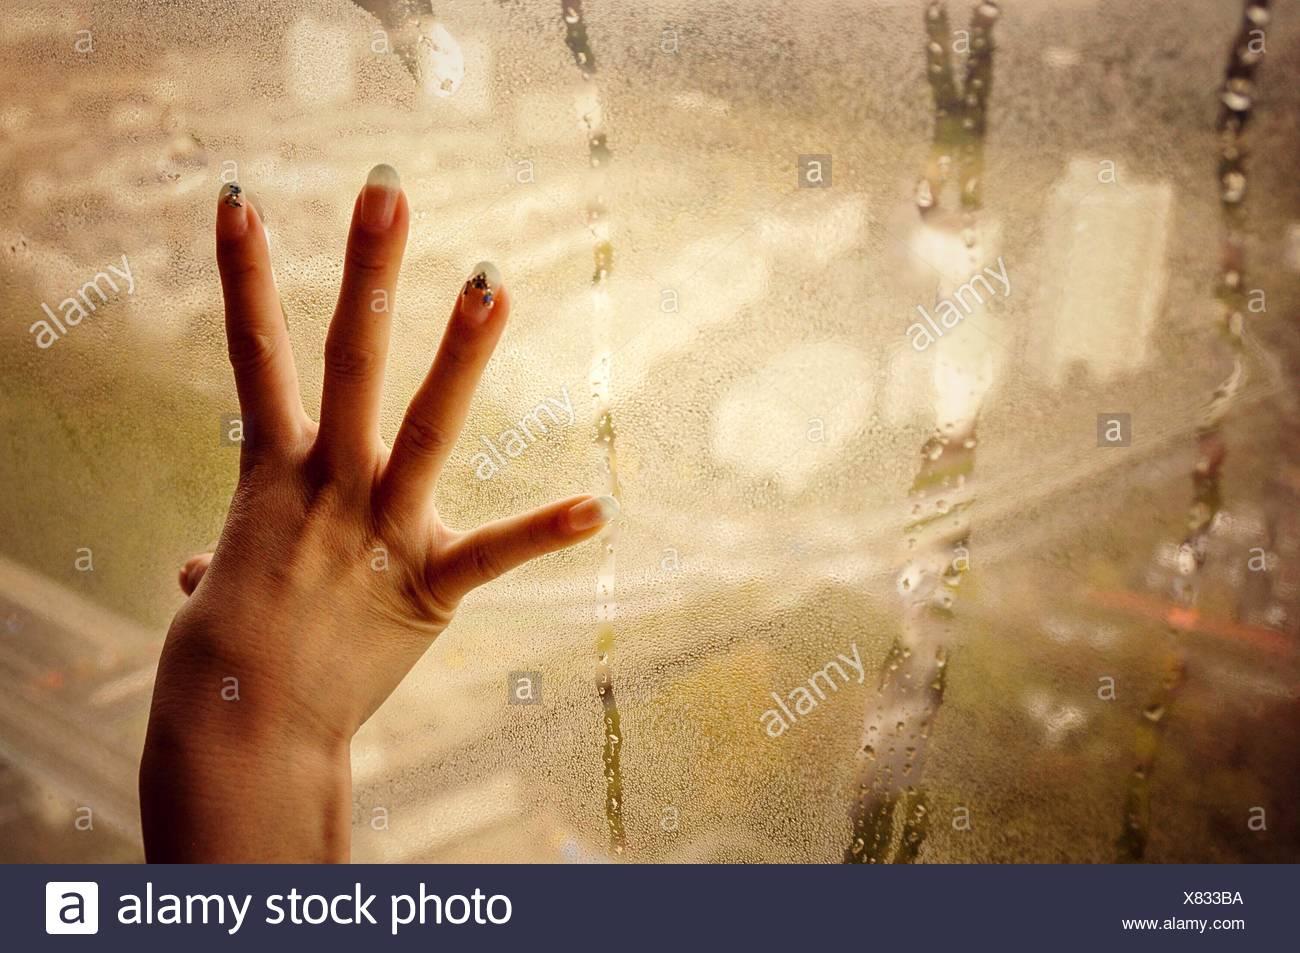 Ritagliate la mano sul vetro di condensato Immagini Stock